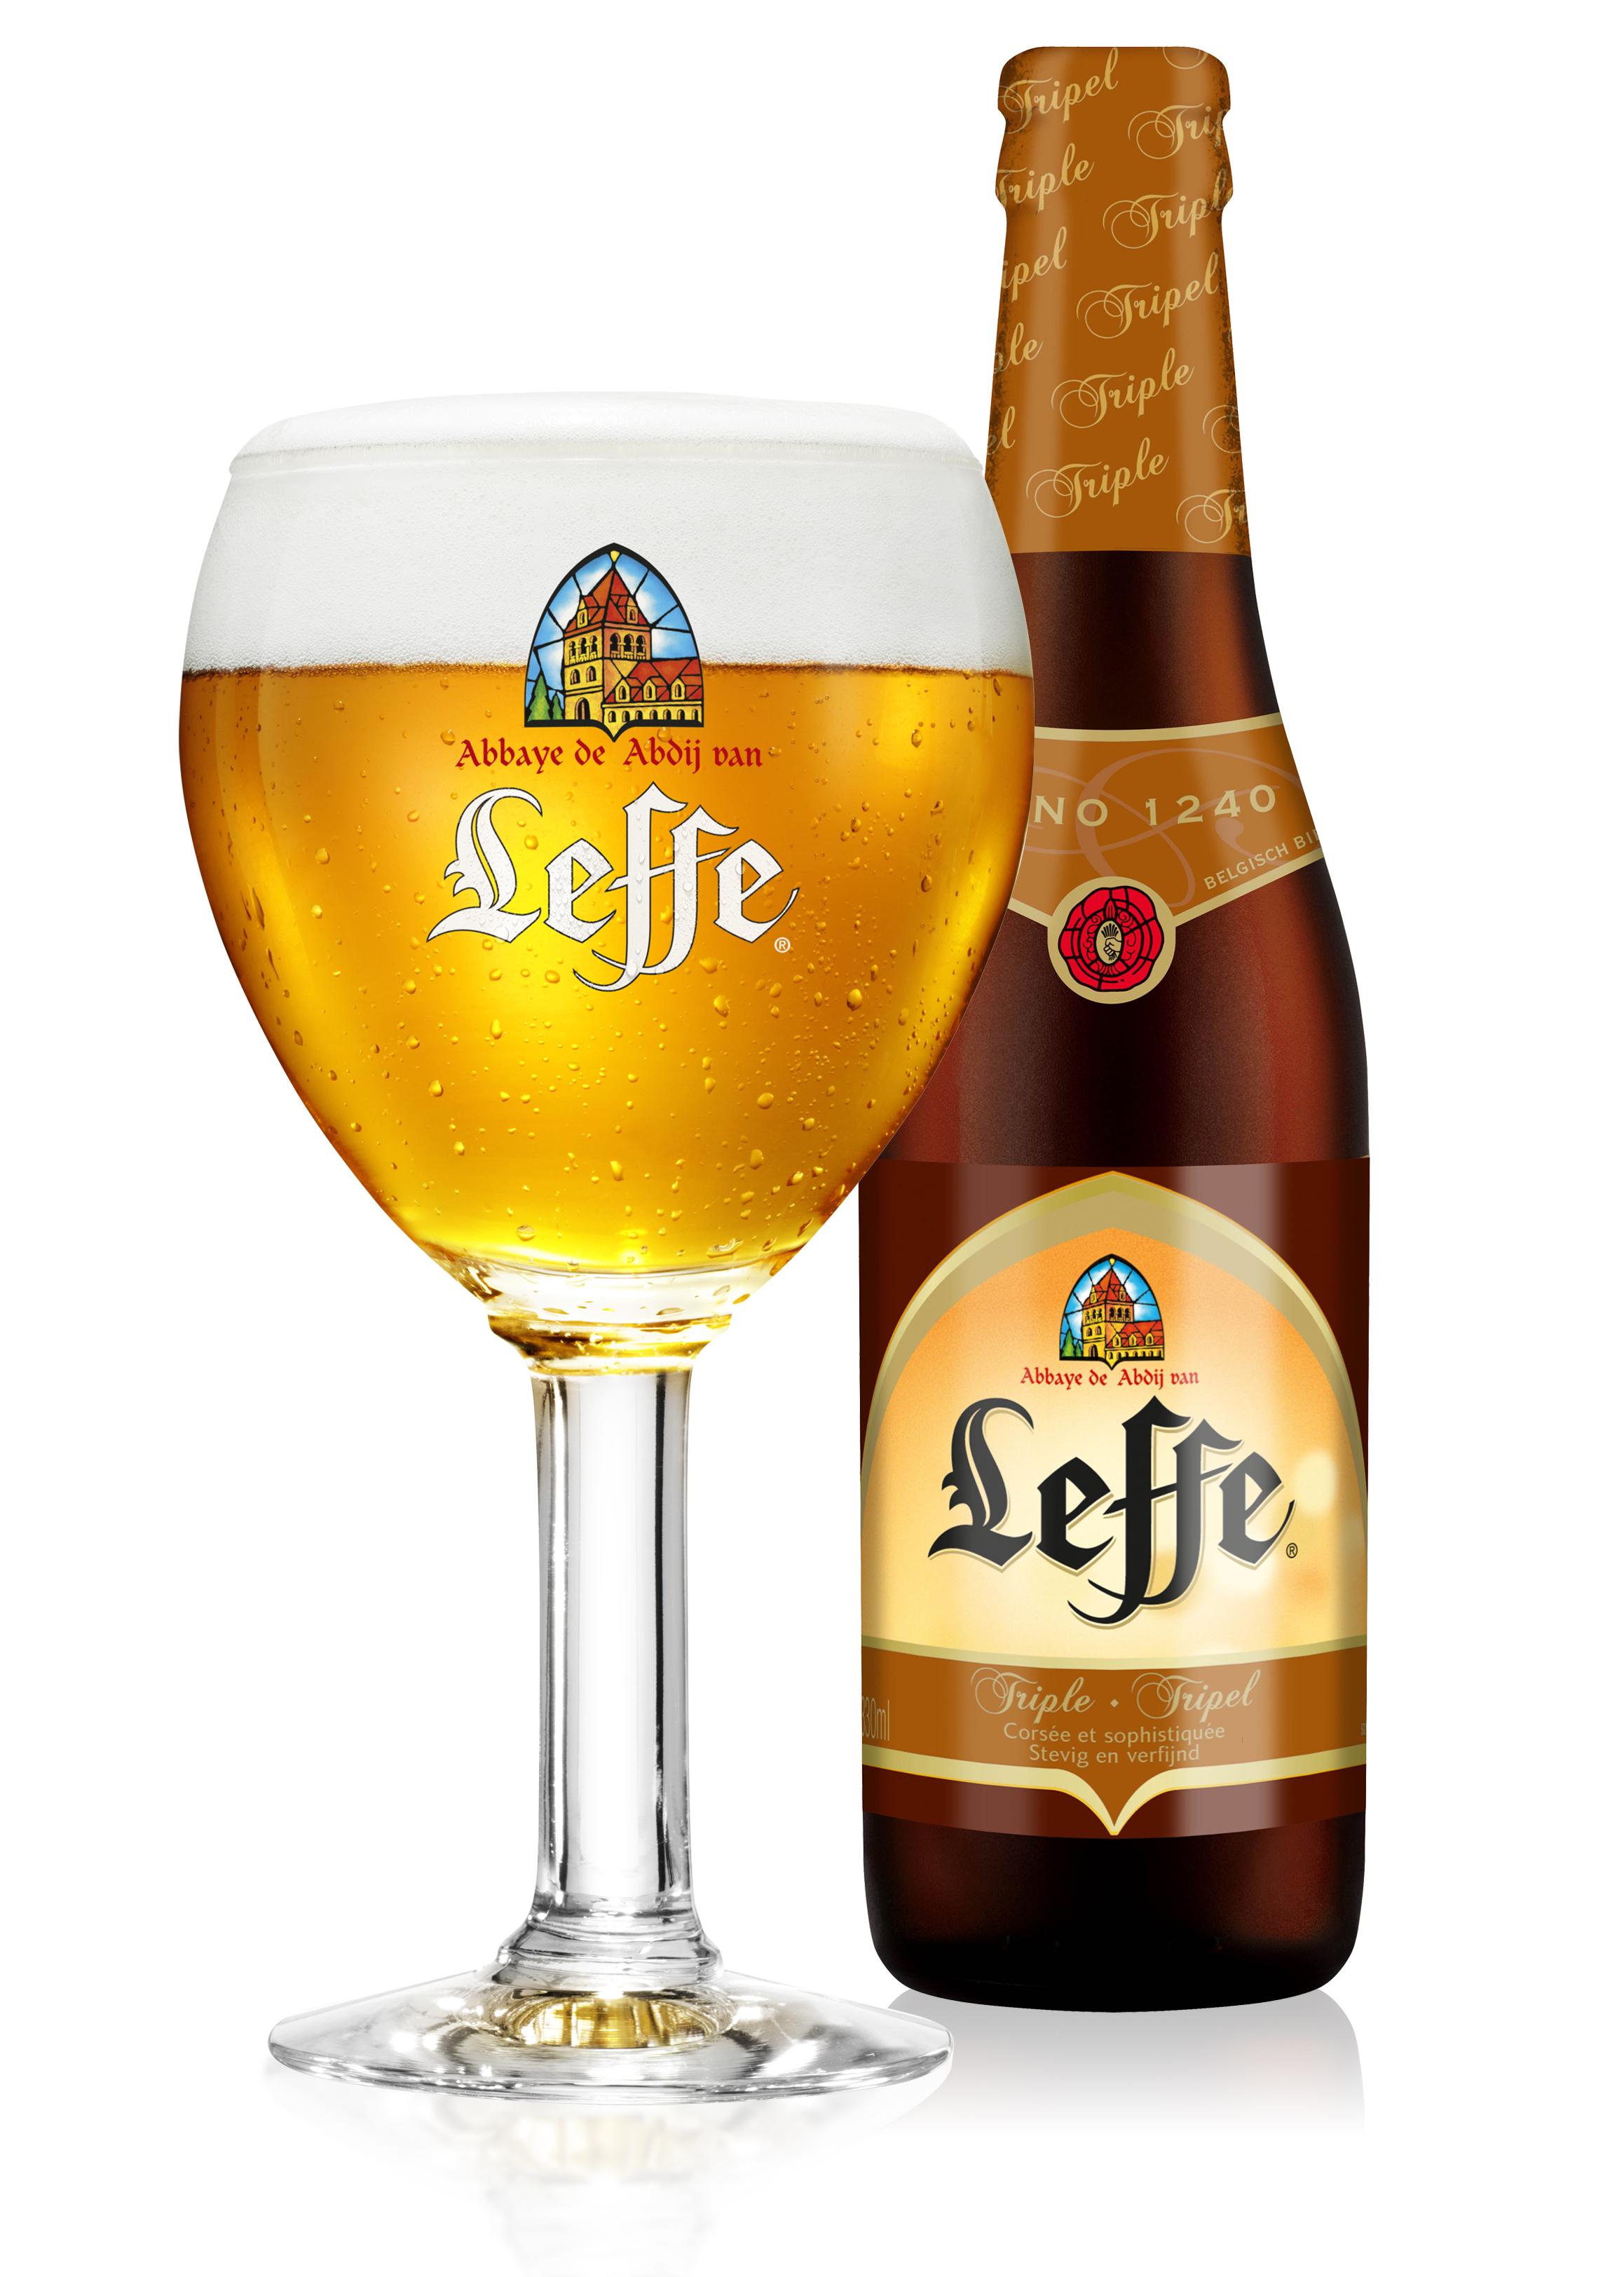 бельгийское пиво leffe